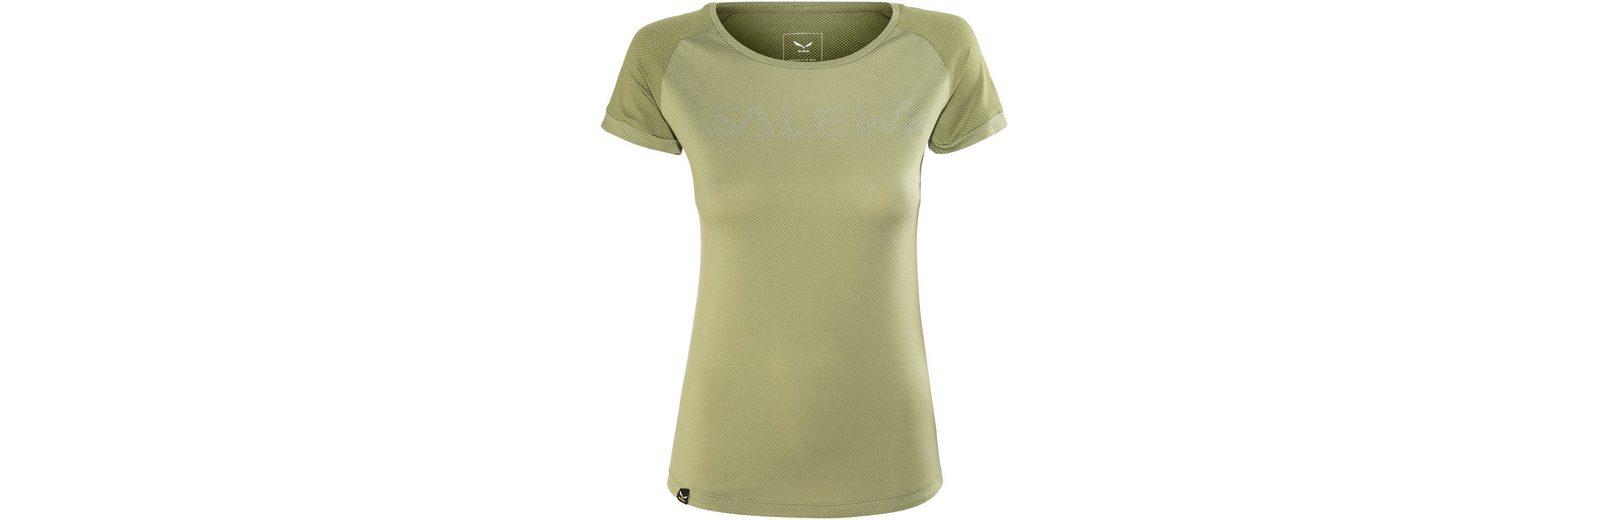 Verkauf Günstig Online Salewa T-Shirt Pedroc Delta Dry S/S Tee Women Verkauf Footaction Billig Verkaufen Die Billigsten Großer Rabatt Zum Verkauf Guenstige rlA3qQ77